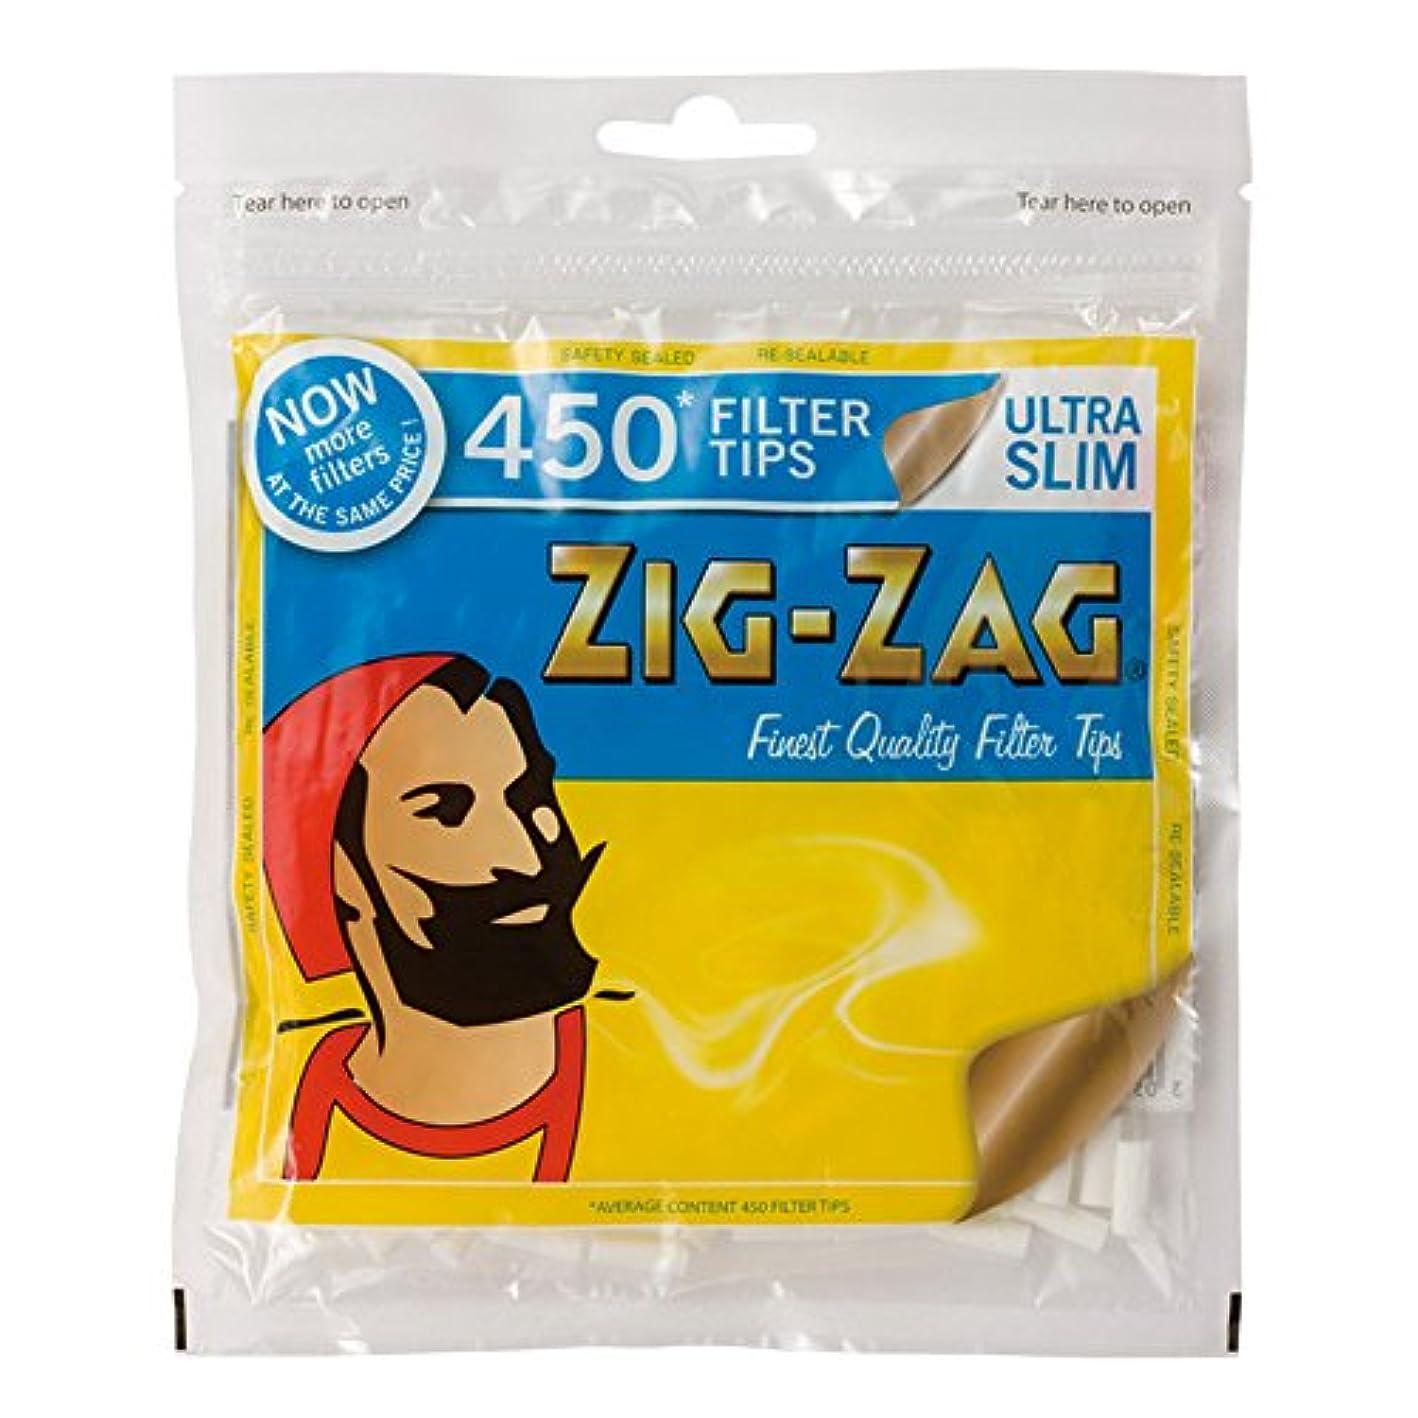 きゅうり厄介な消化ZIG-ZAG(ジグザグ) ウルトラスリム フィルター 450 直径5mm 約450個入り #78538